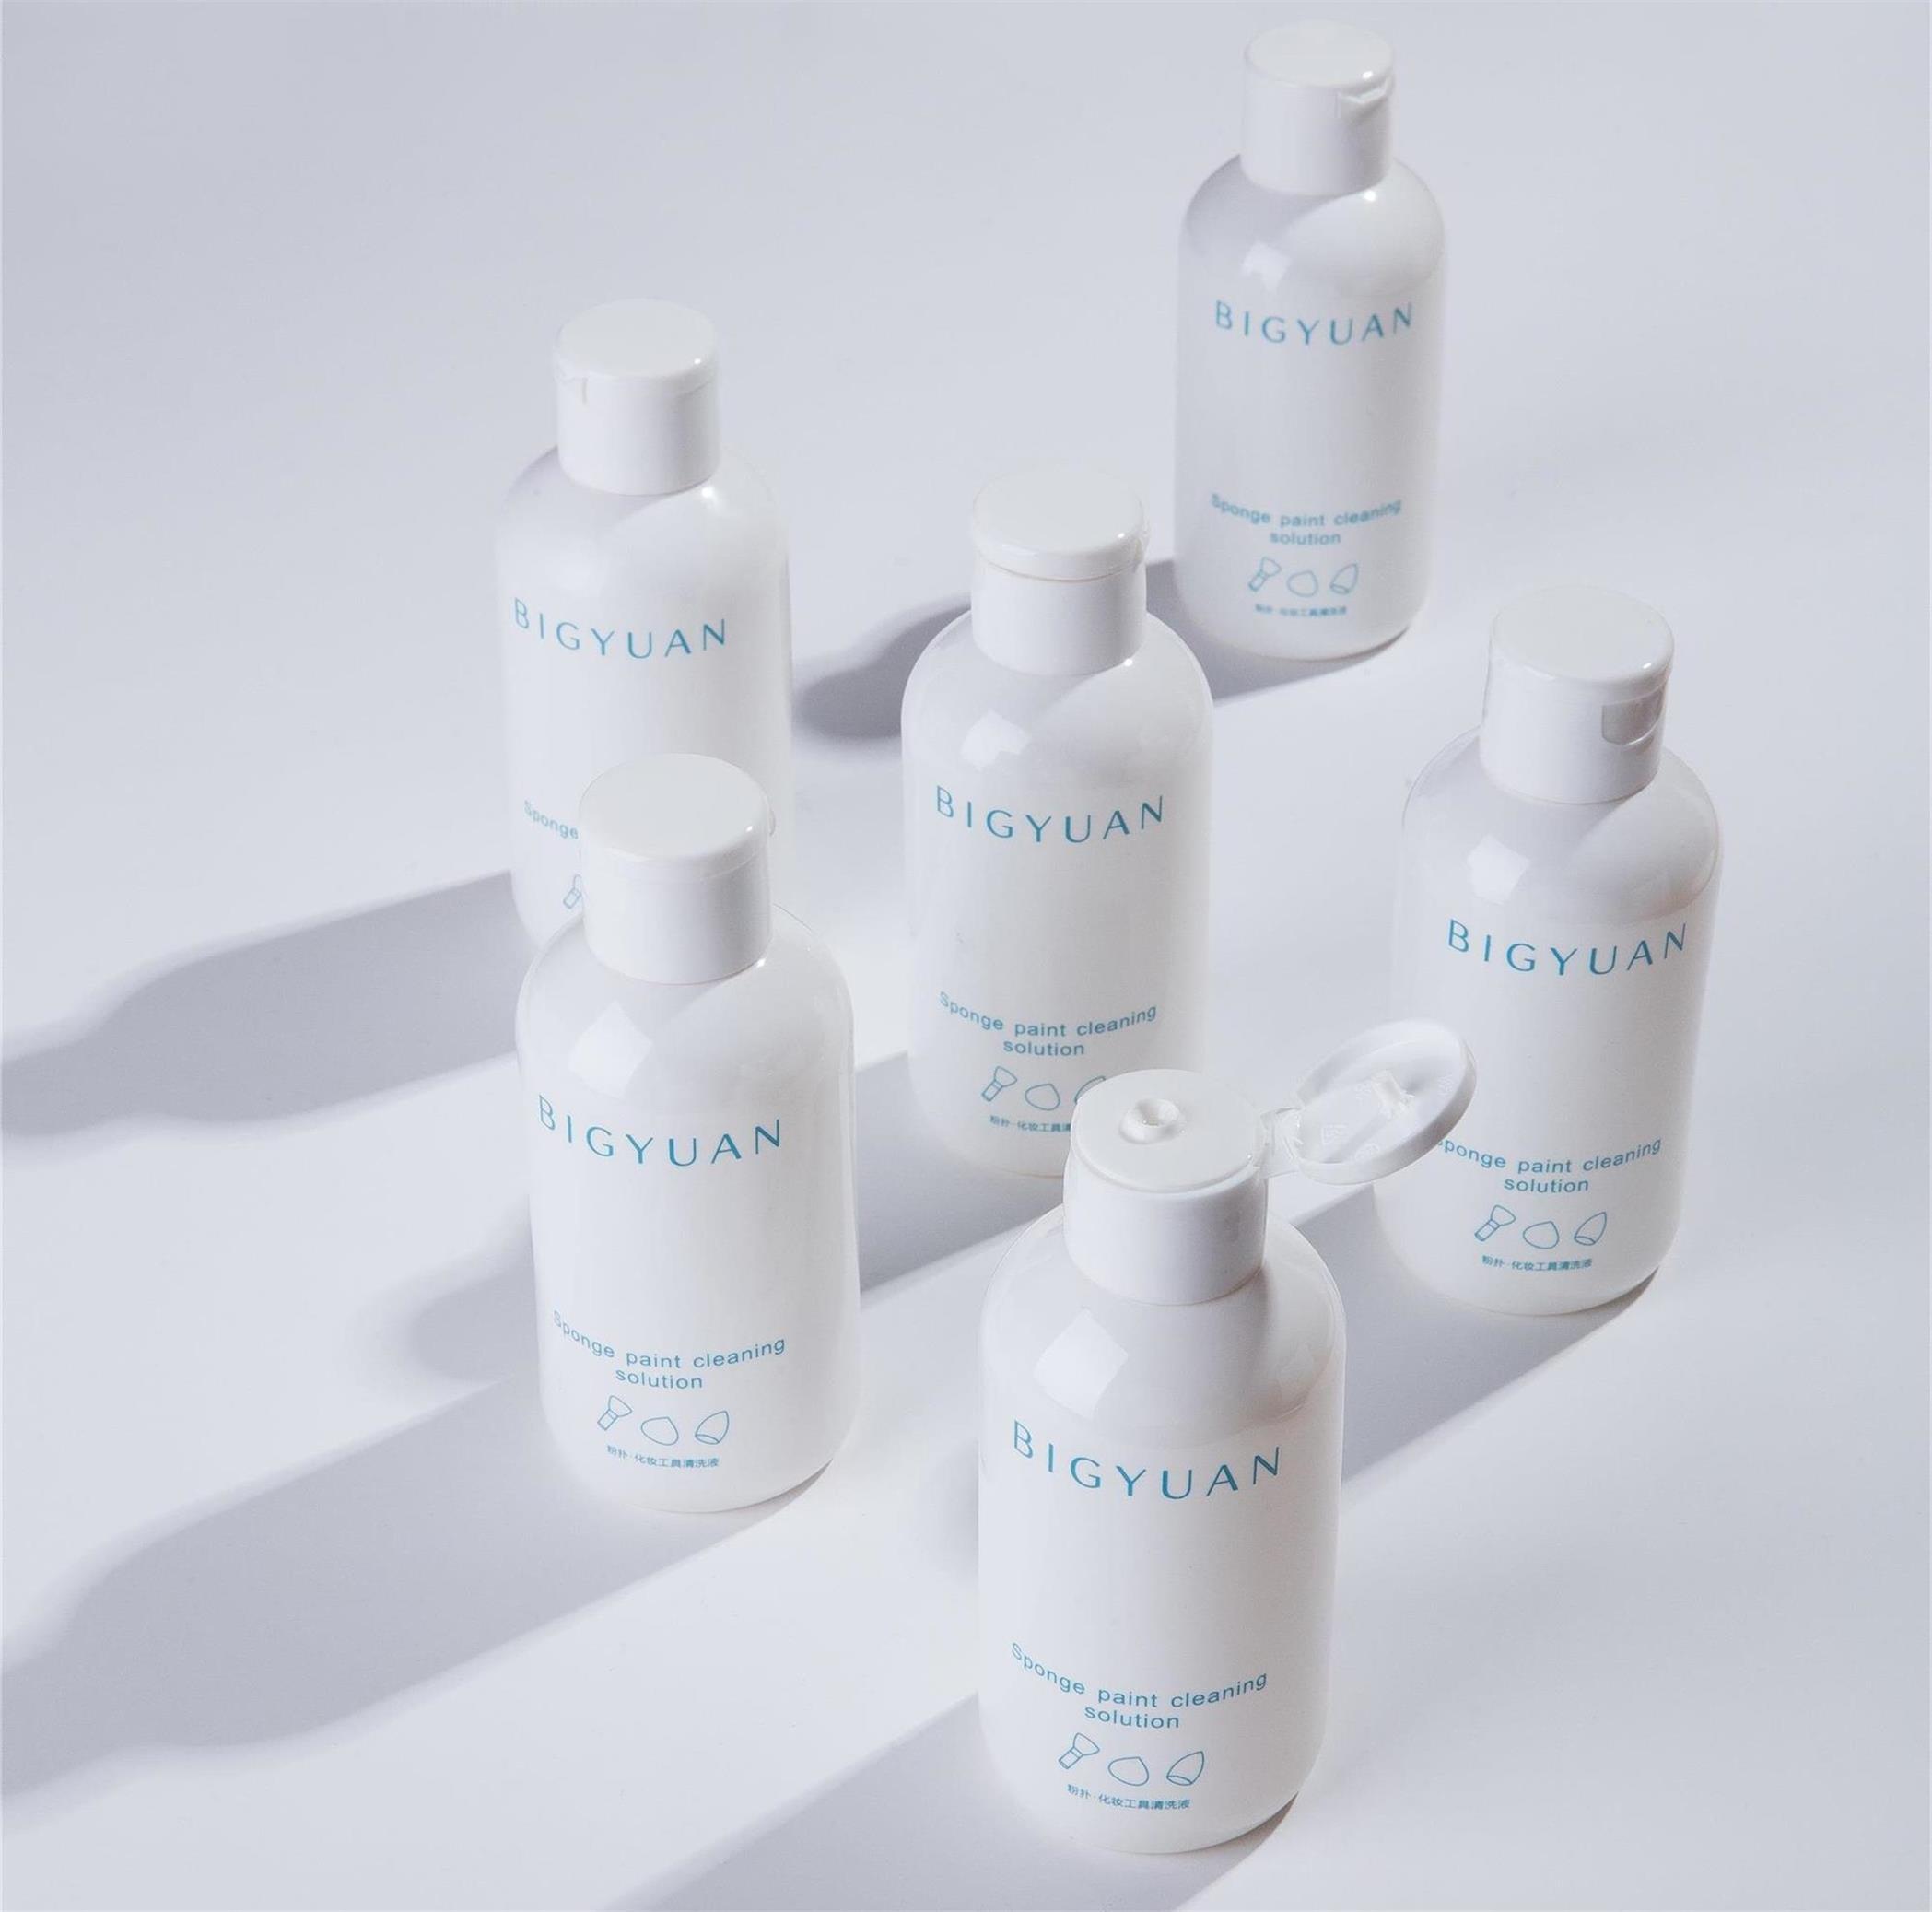 北海美妆工具清洗剂厂家-供应南宁品种齐全的广西美妆清洗剂批发